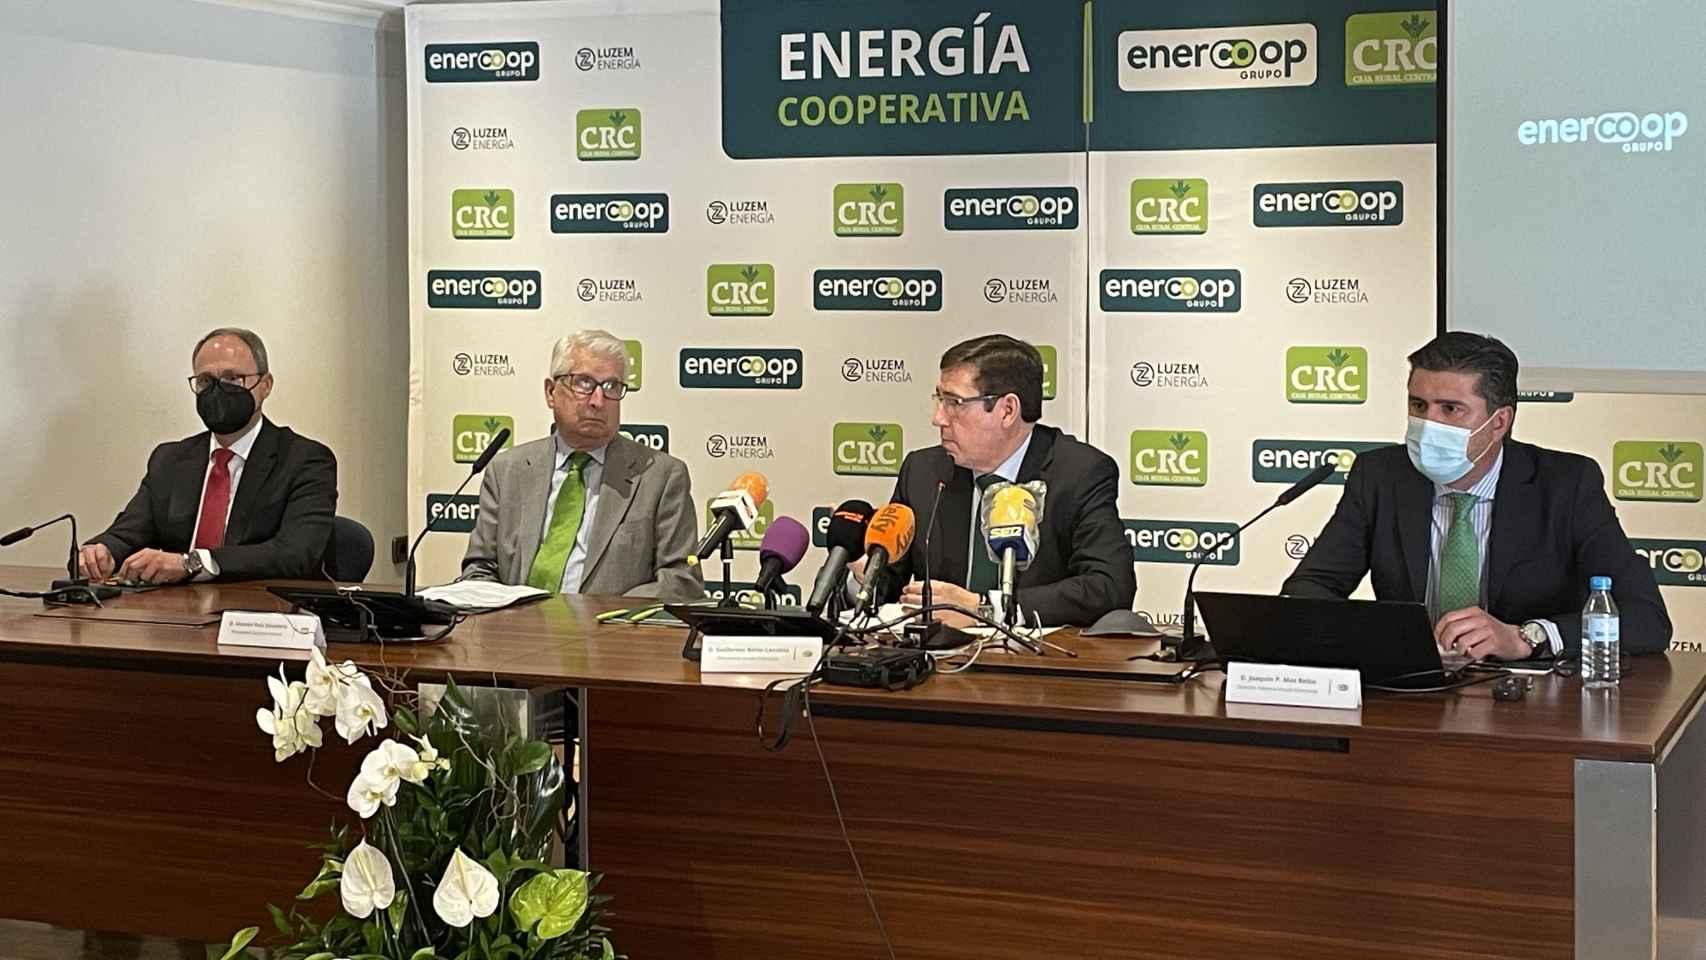 Nace Luzem Energía, comercializadora y generadora renovable de Enercoop y Caja Rural